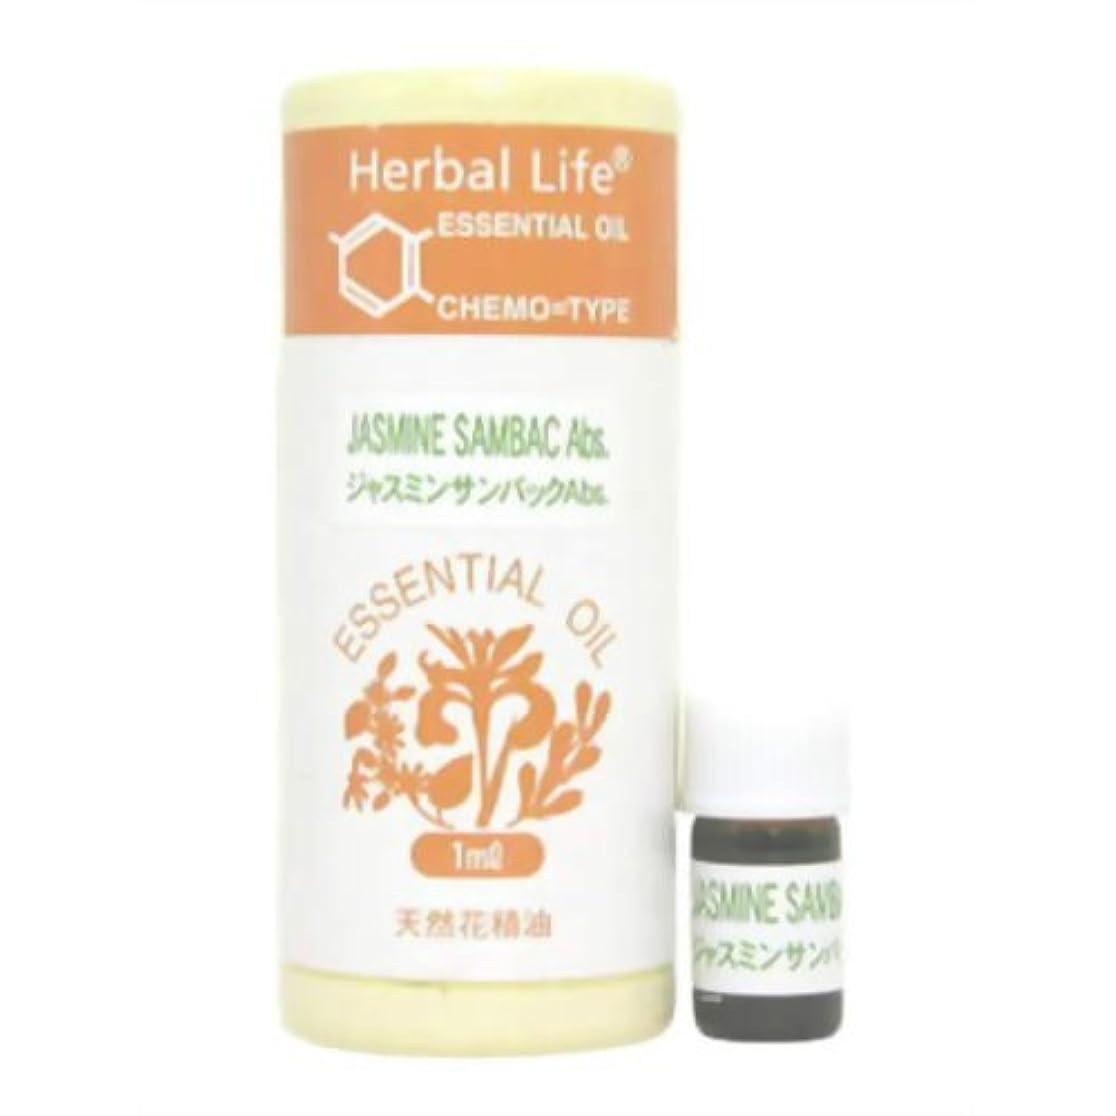 傷つけるカンガルー時折生活の木 Herbal Life ジャスミンサンバックAbs 1ml